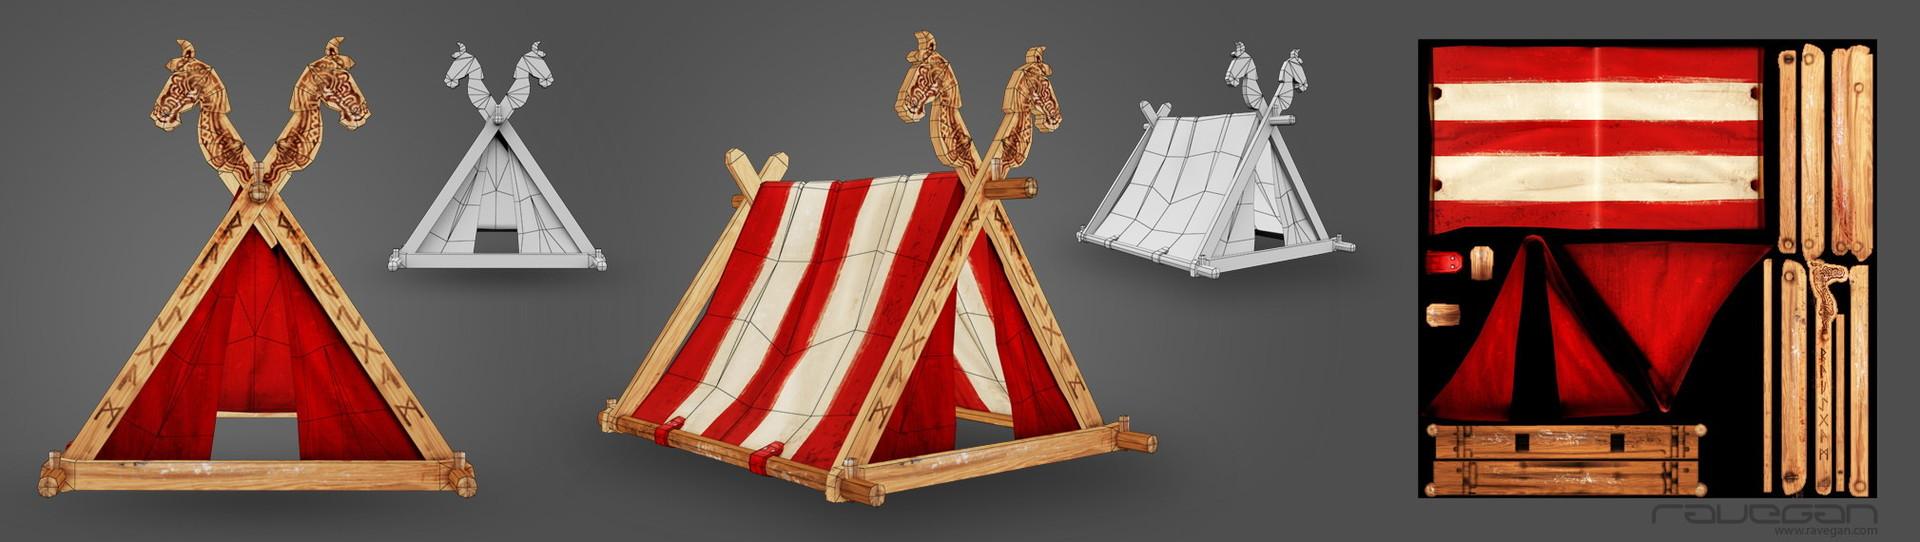 Ravegan games viking 12 tent lowpoly